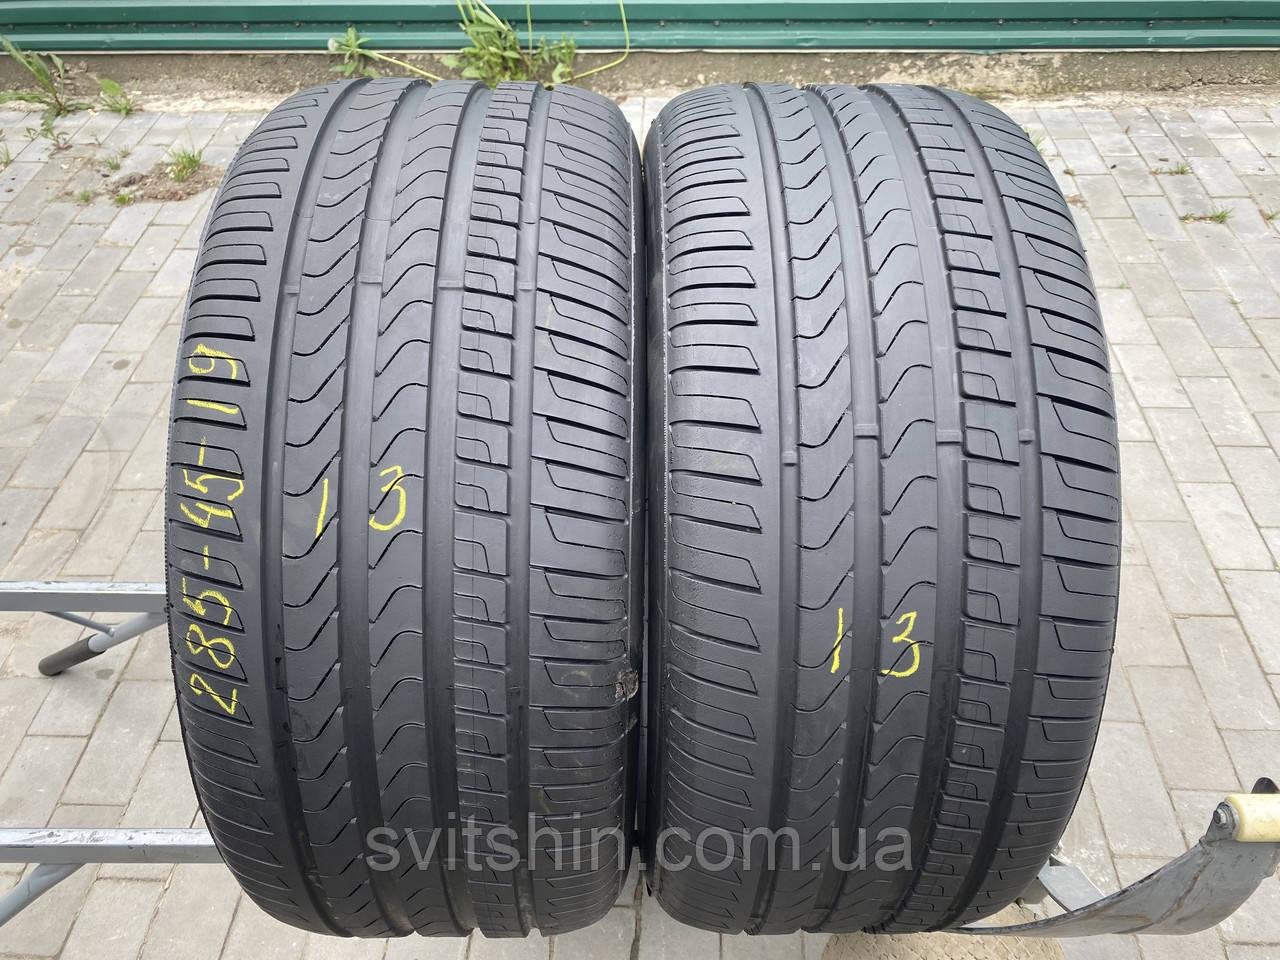 Шини літо 285/45R19 Pirelli RUNFLAT 6,5мм (2шт)